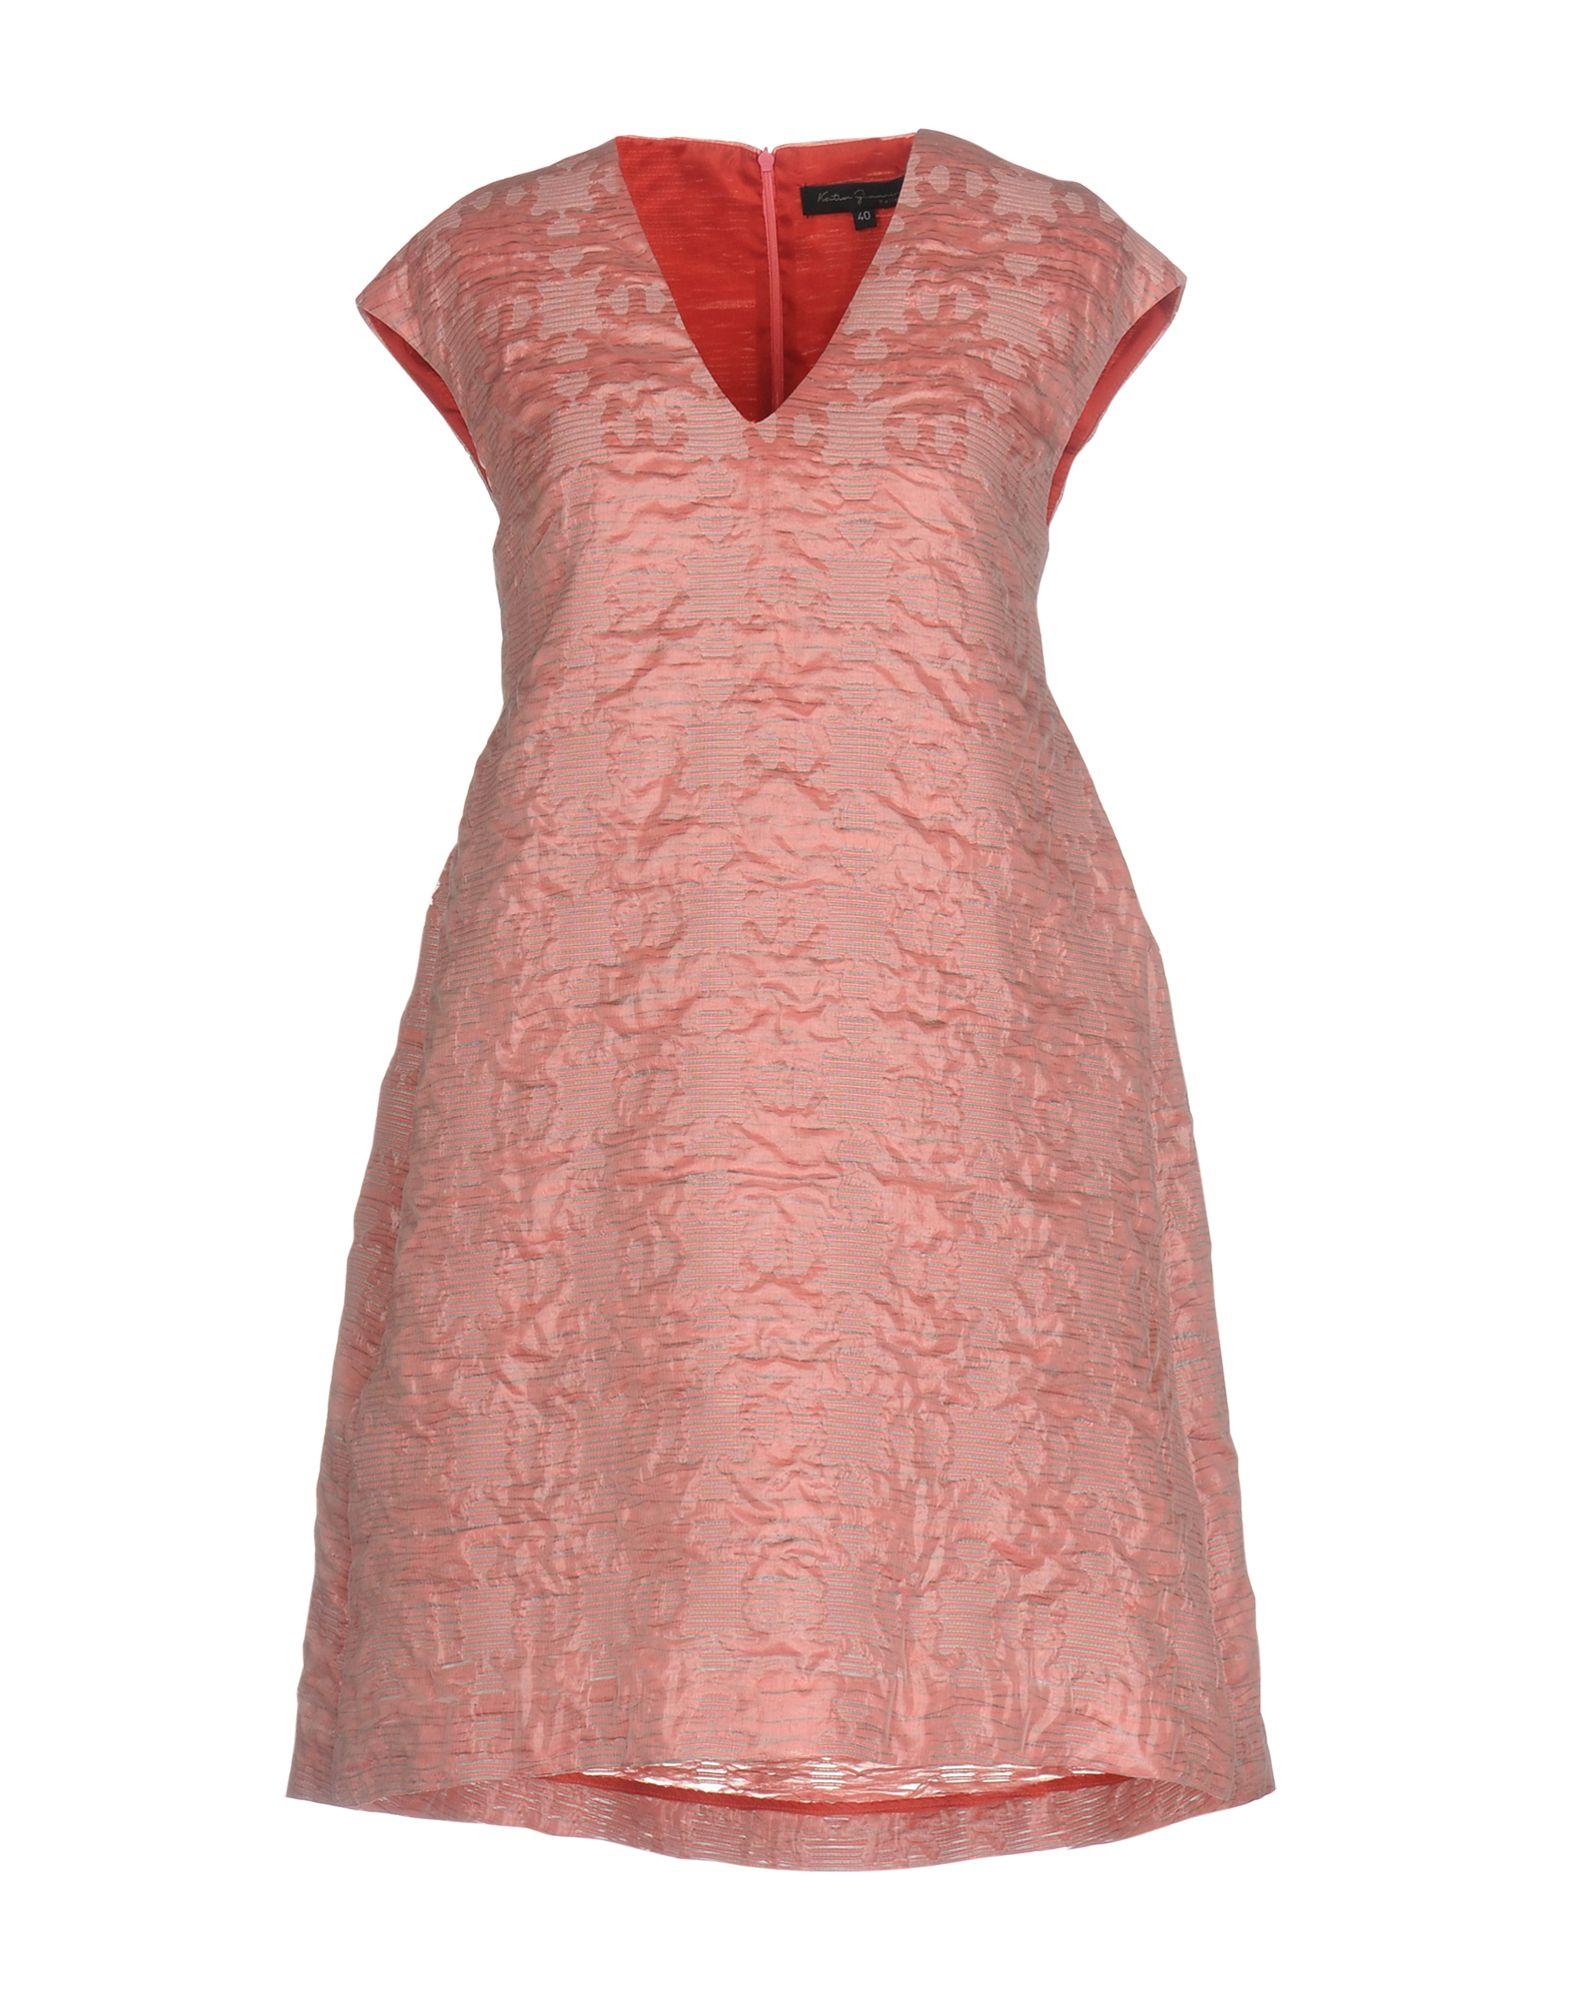 KATIA G. Damen Kurzes Kleid Farbe Rosa Größe 6 - broschei